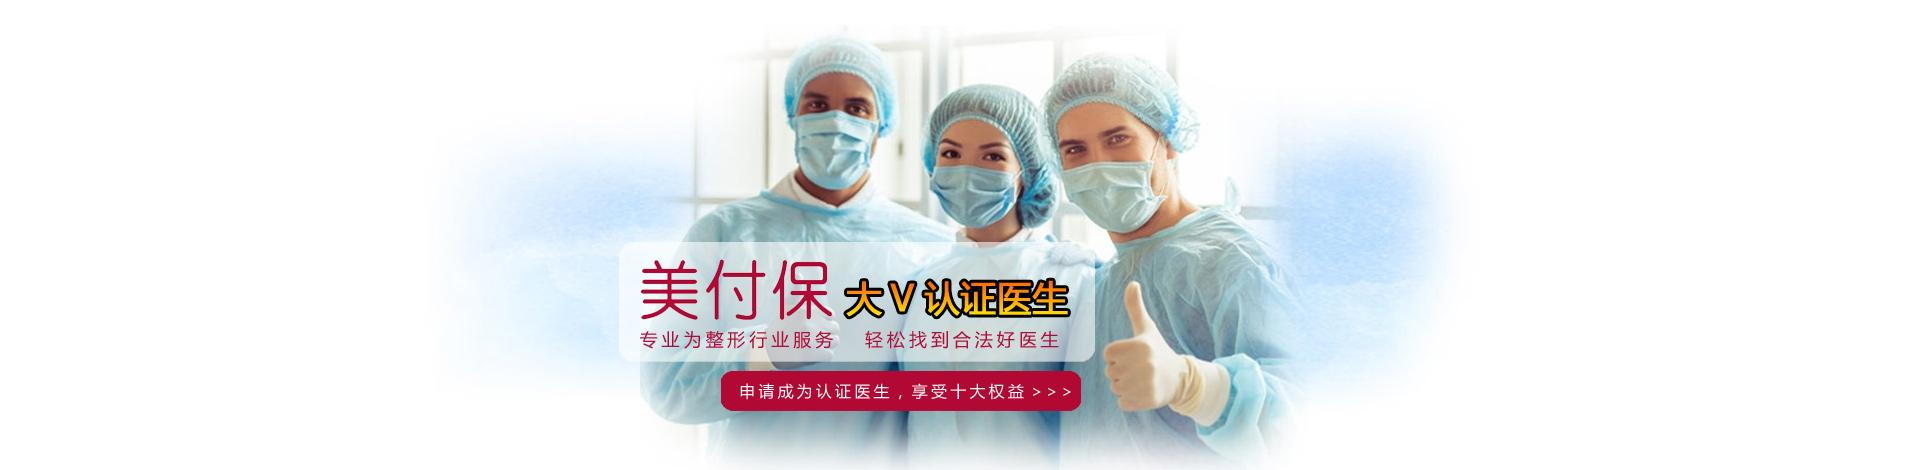 大V认证整形医生